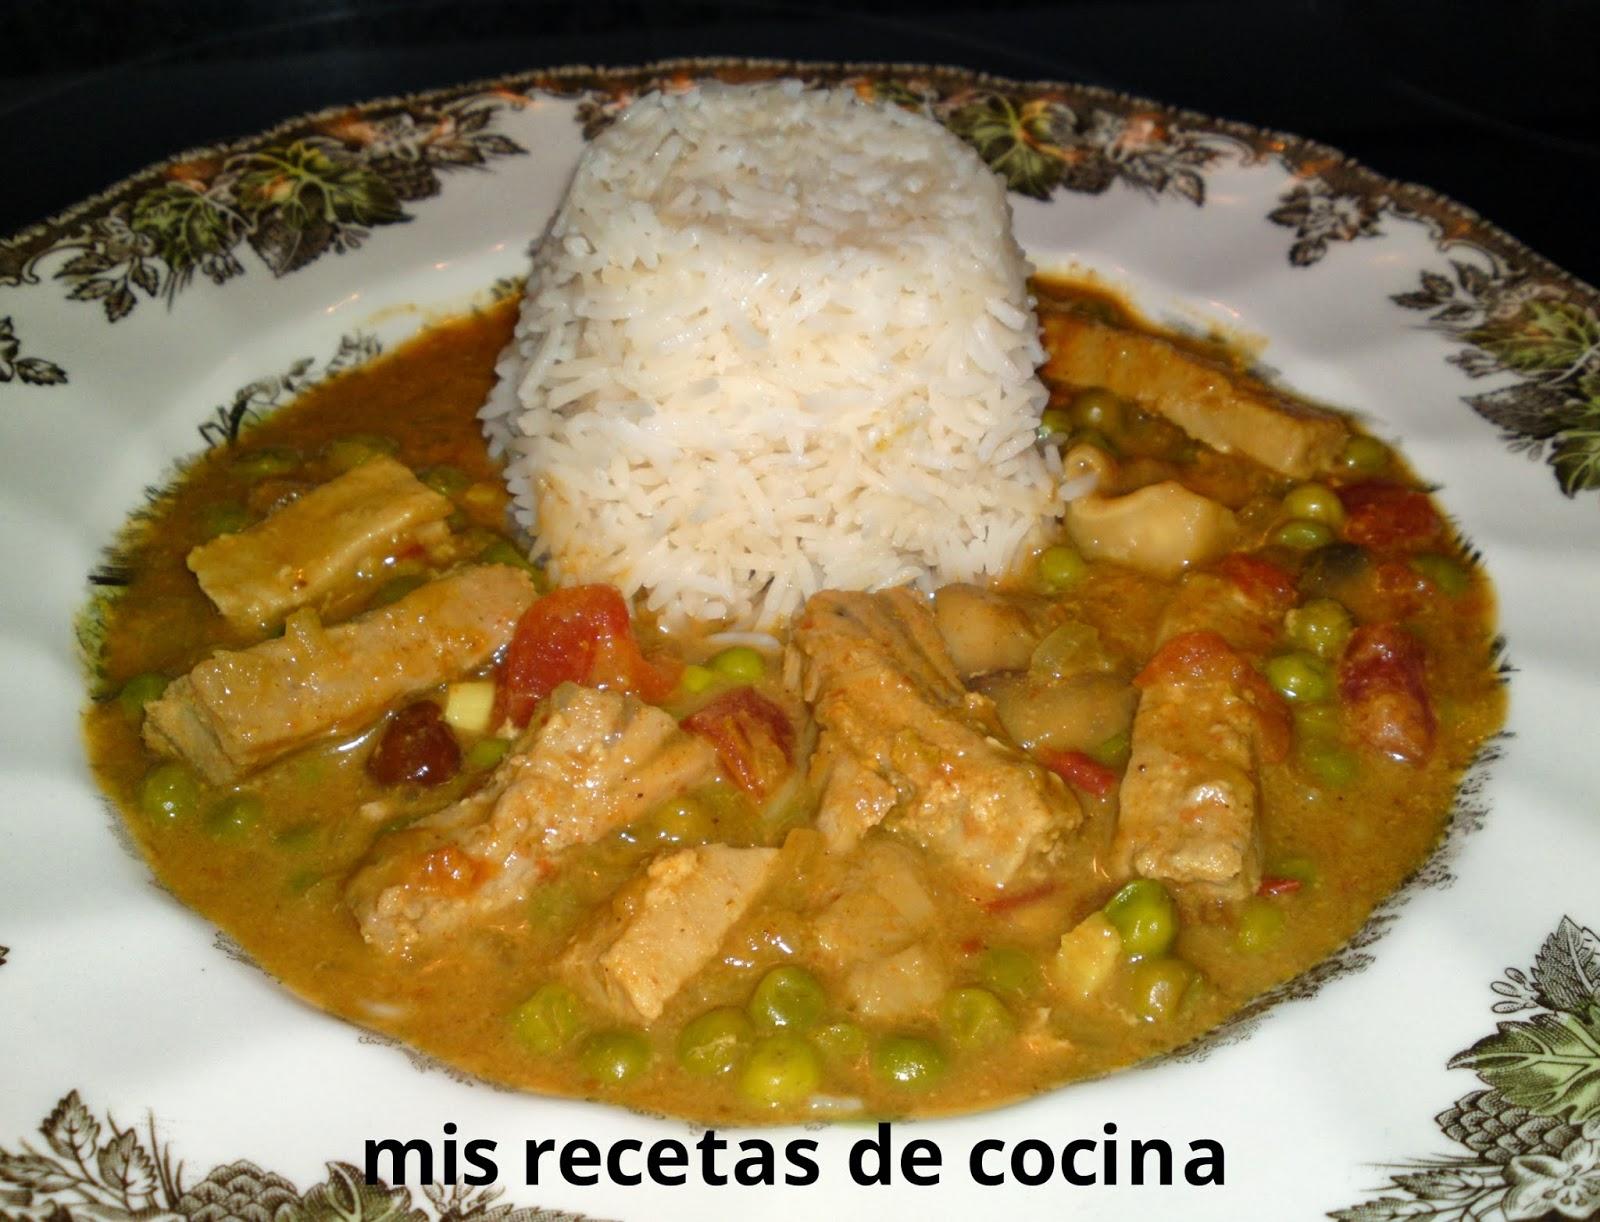 Mis recetas de cocina|FSR: Atún a la tailandesa